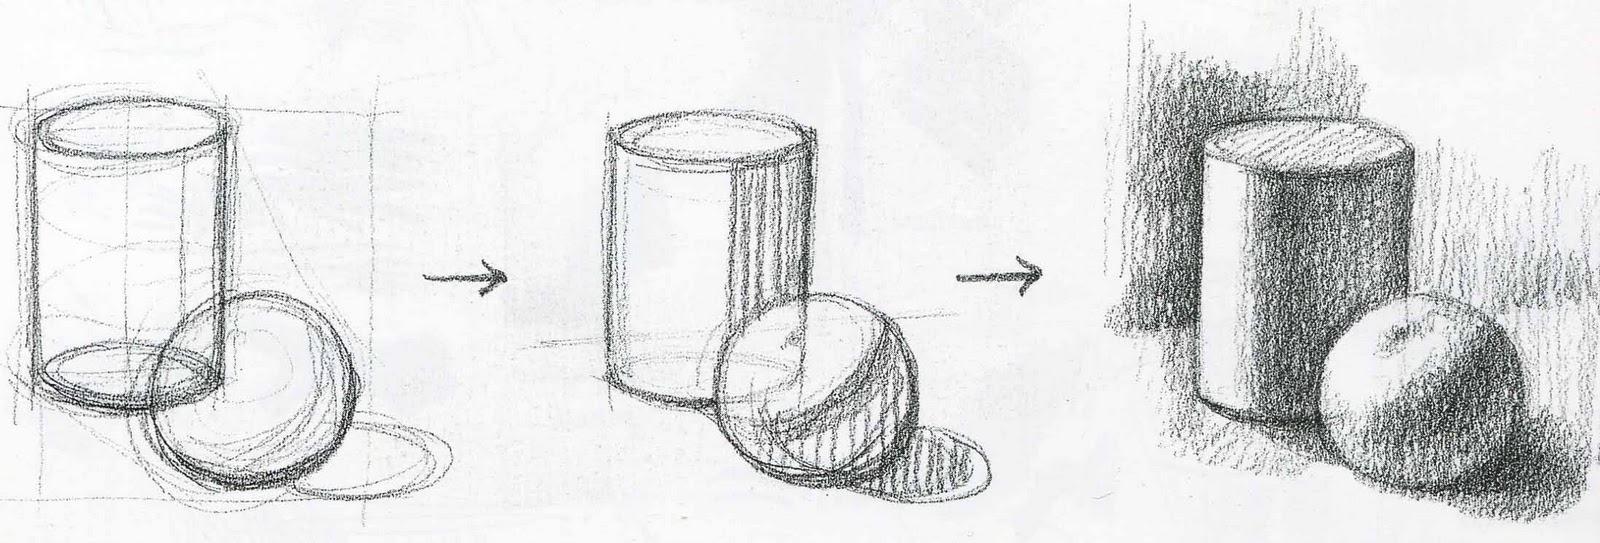 Dalam Mengemukakan Teknik Buku Ini Menunjukkan Kesan Lorekan Menggunakan Alat Dan Bahan Seperti Pensel Arang Pen Sebagainya